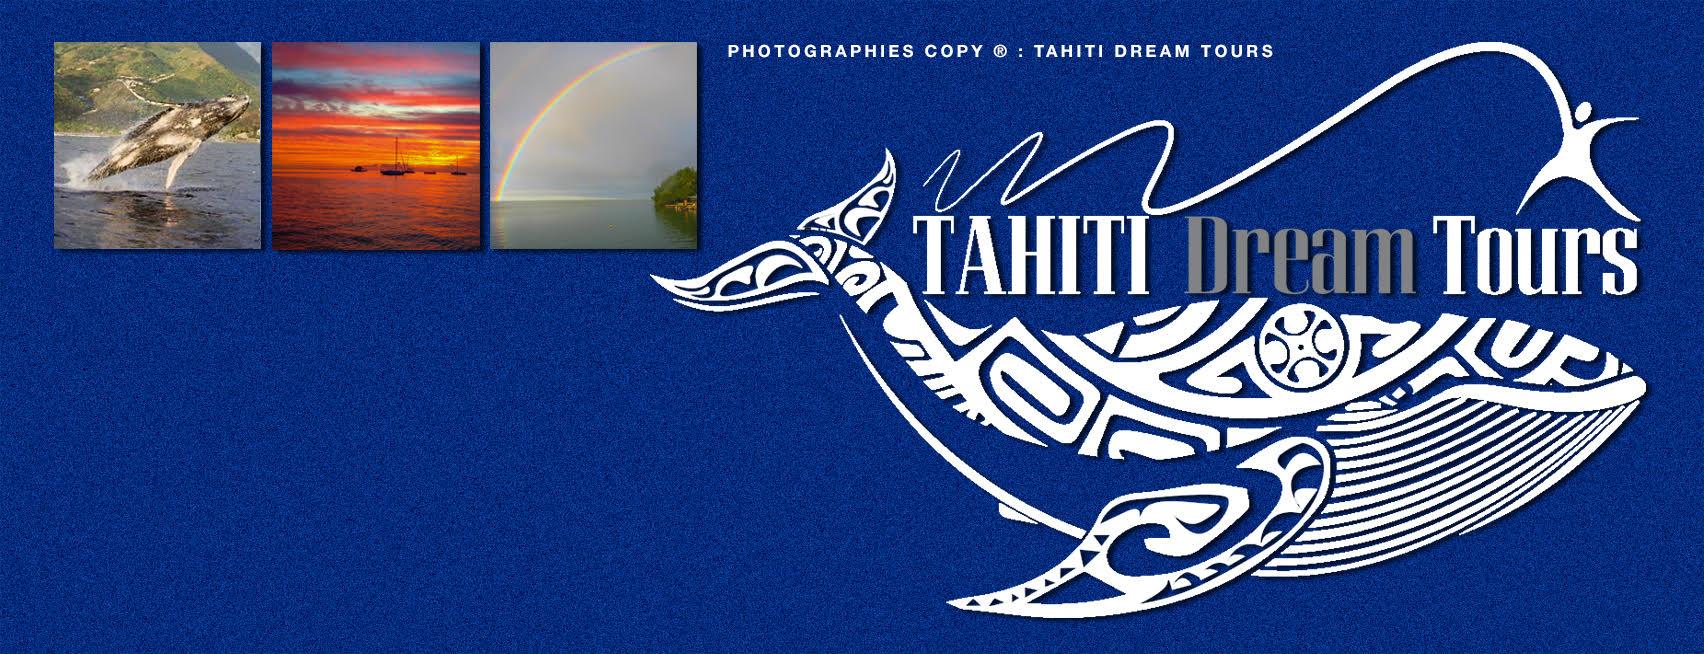 https://tahititourisme.com/wp-content/uploads/2017/09/Bandeau-TDT-modifié.jpg